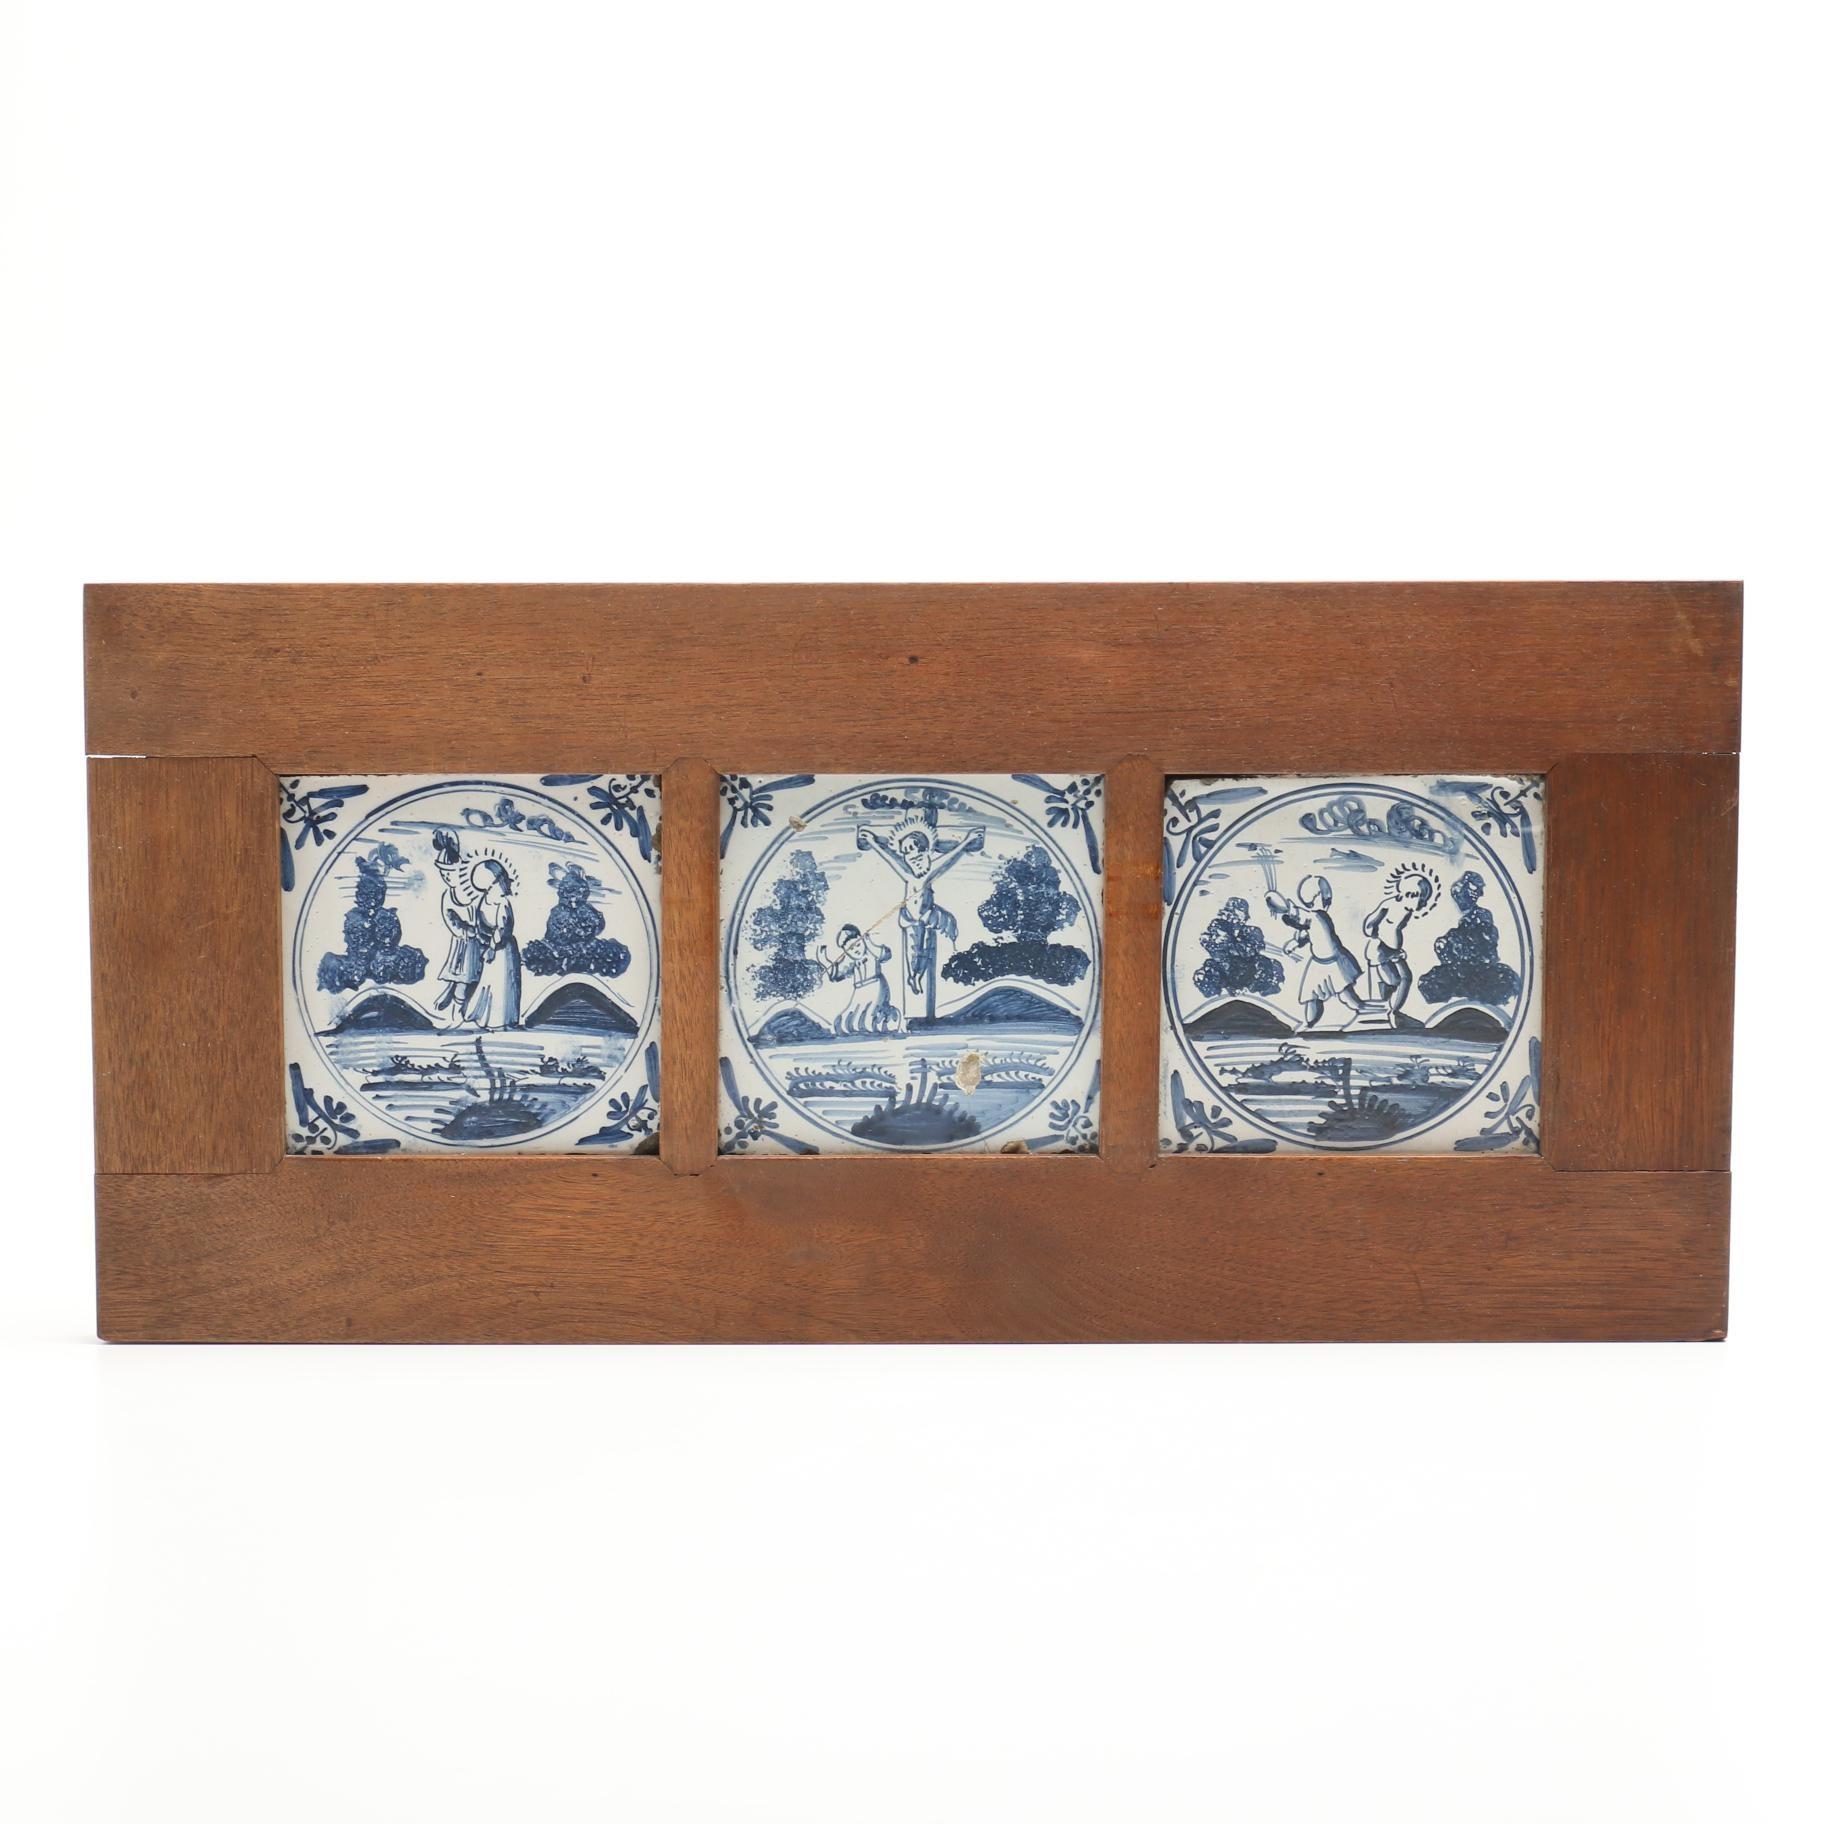 Antique Delft Tiles in Walnut Frame